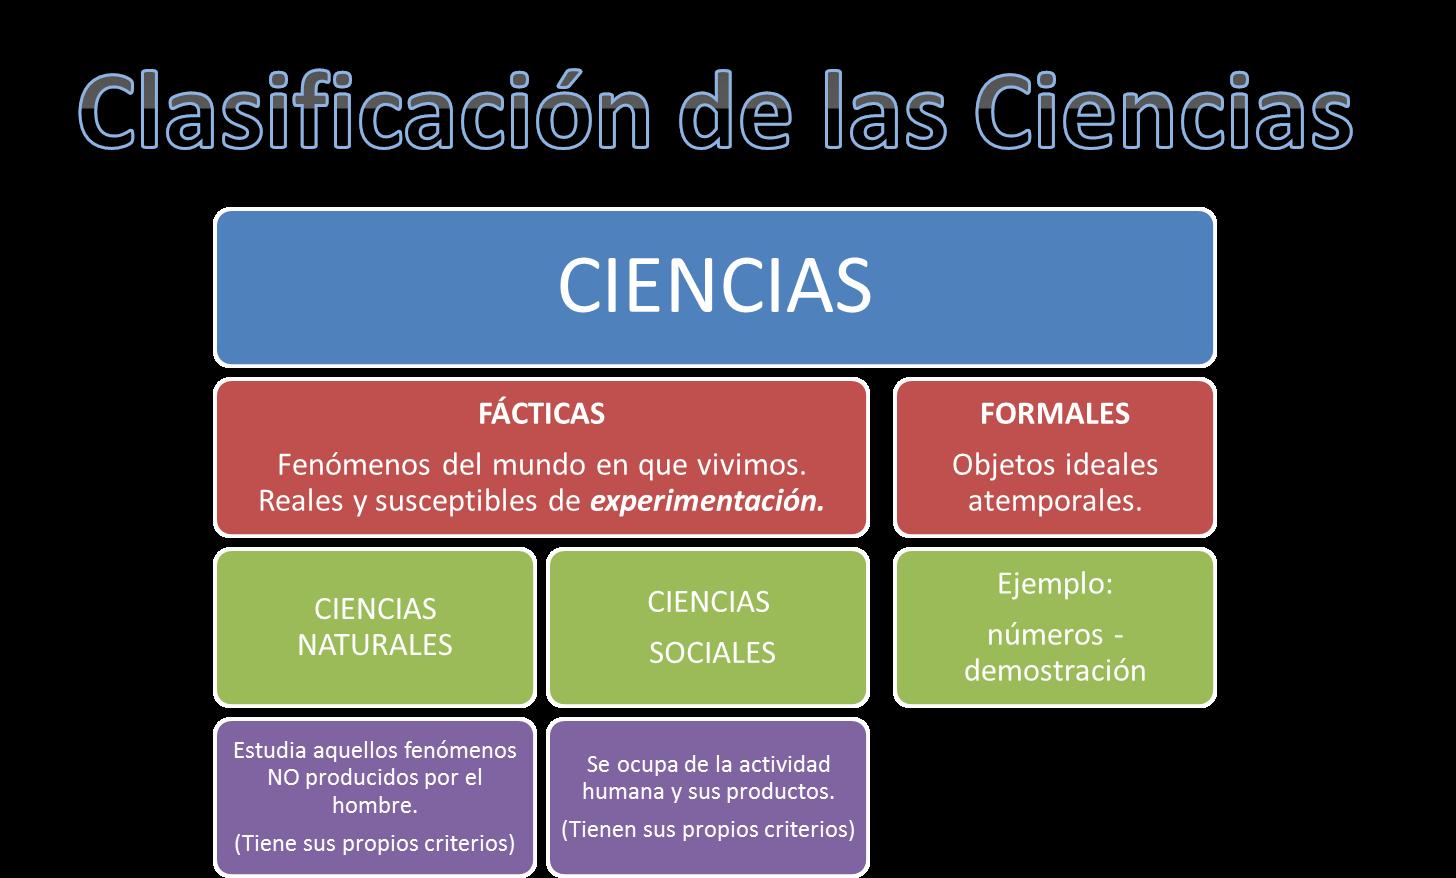 Clasificacion de las ciencias for Clasificacion de los planos arquitectonicos